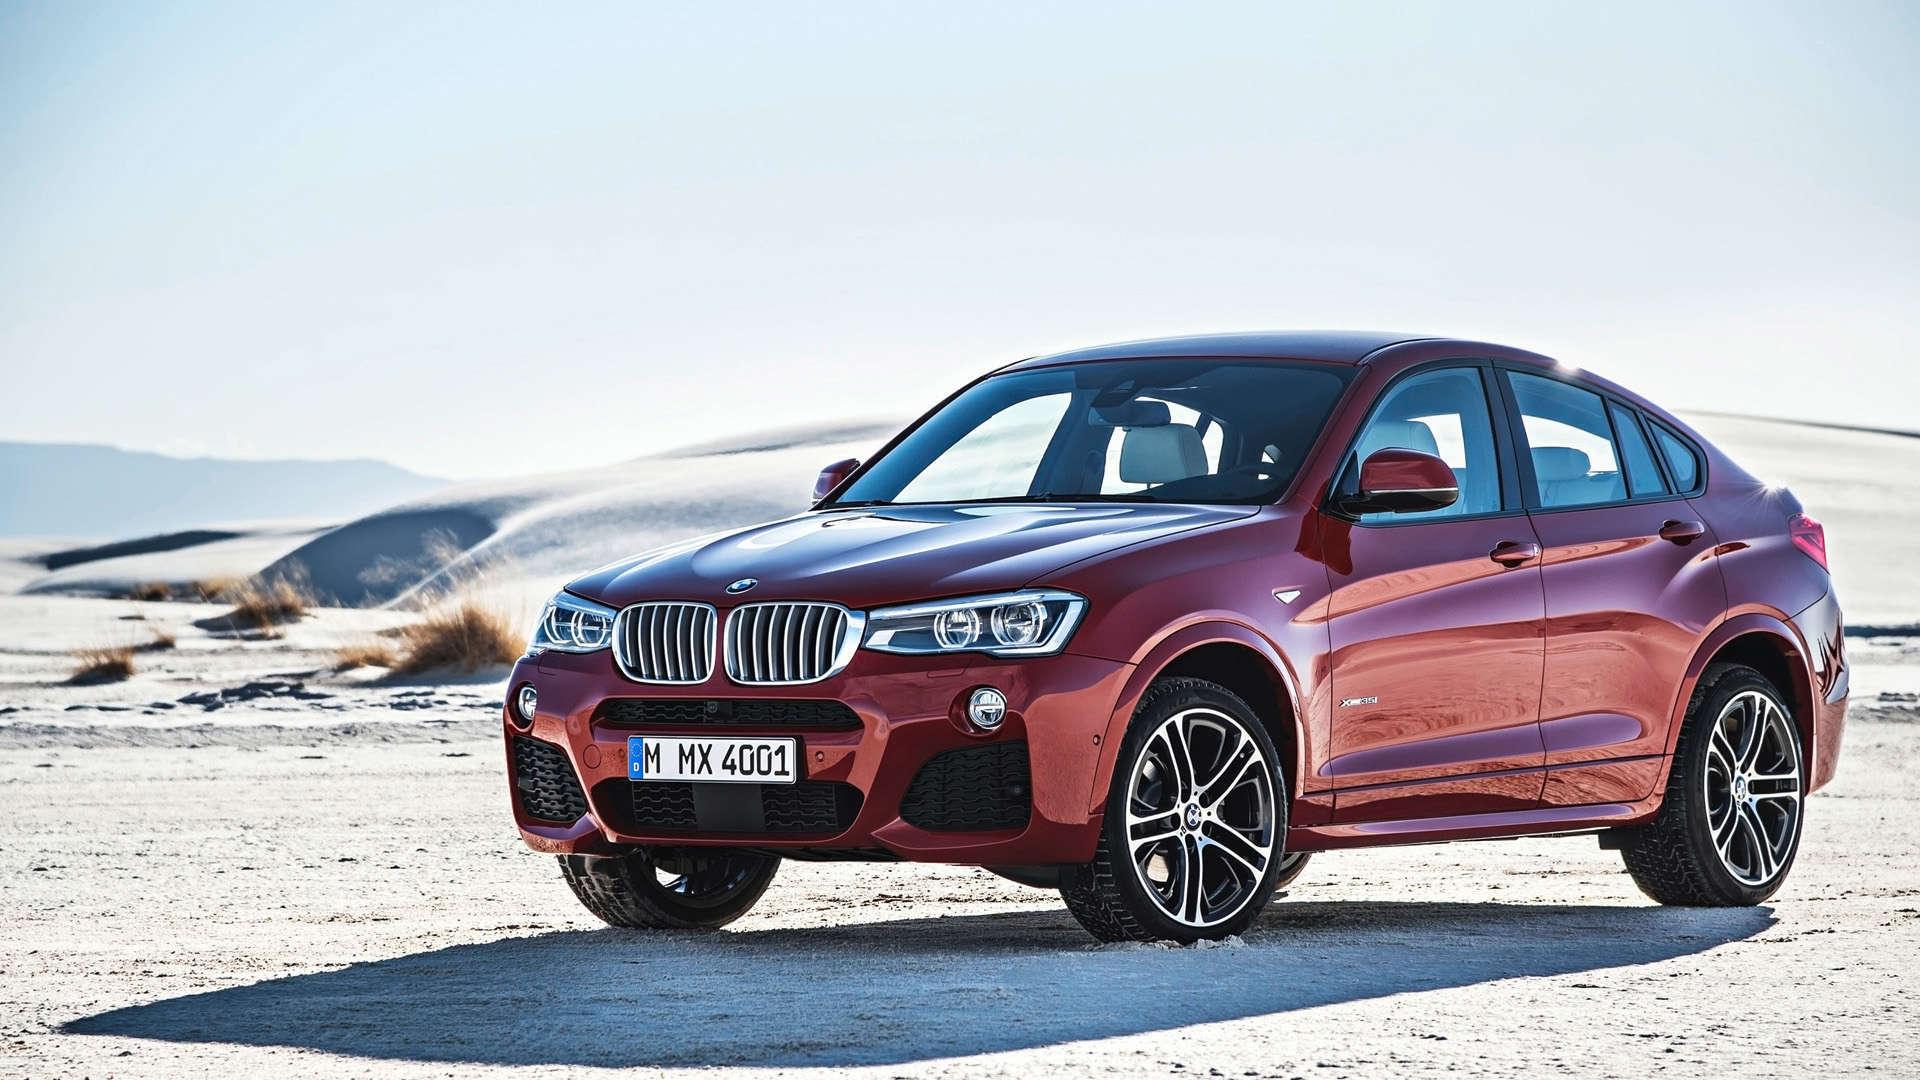 BMW HD Wallpapers 1080p - WallpaperSafari